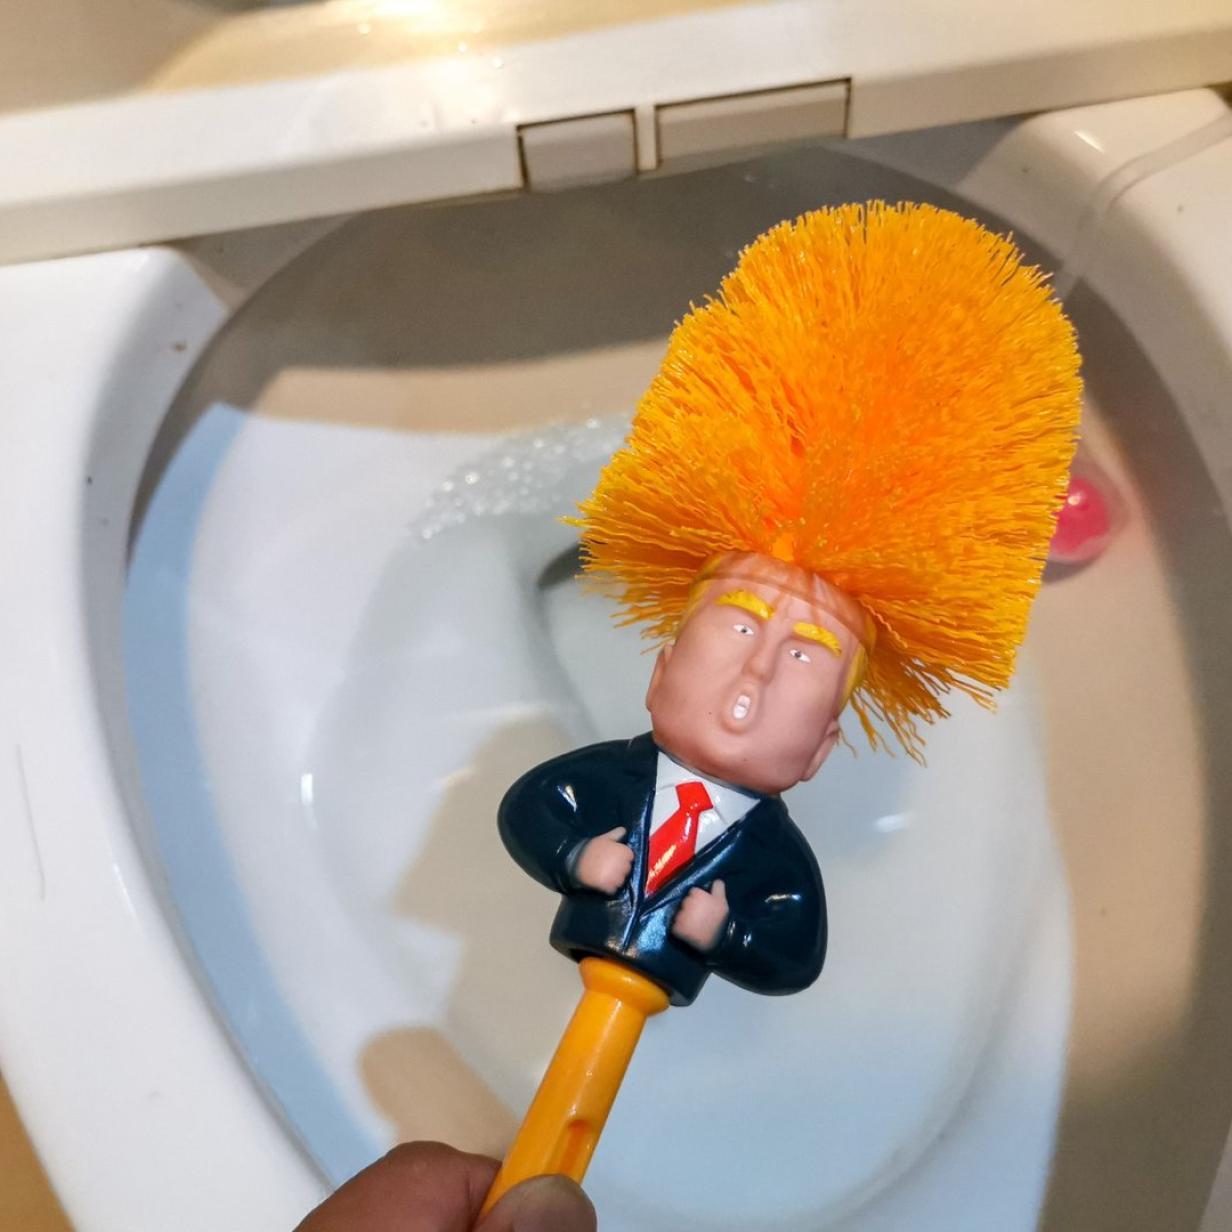 """""""Man bekommt kein Wasser"""": Trump nimmt Toiletten ins Visier"""